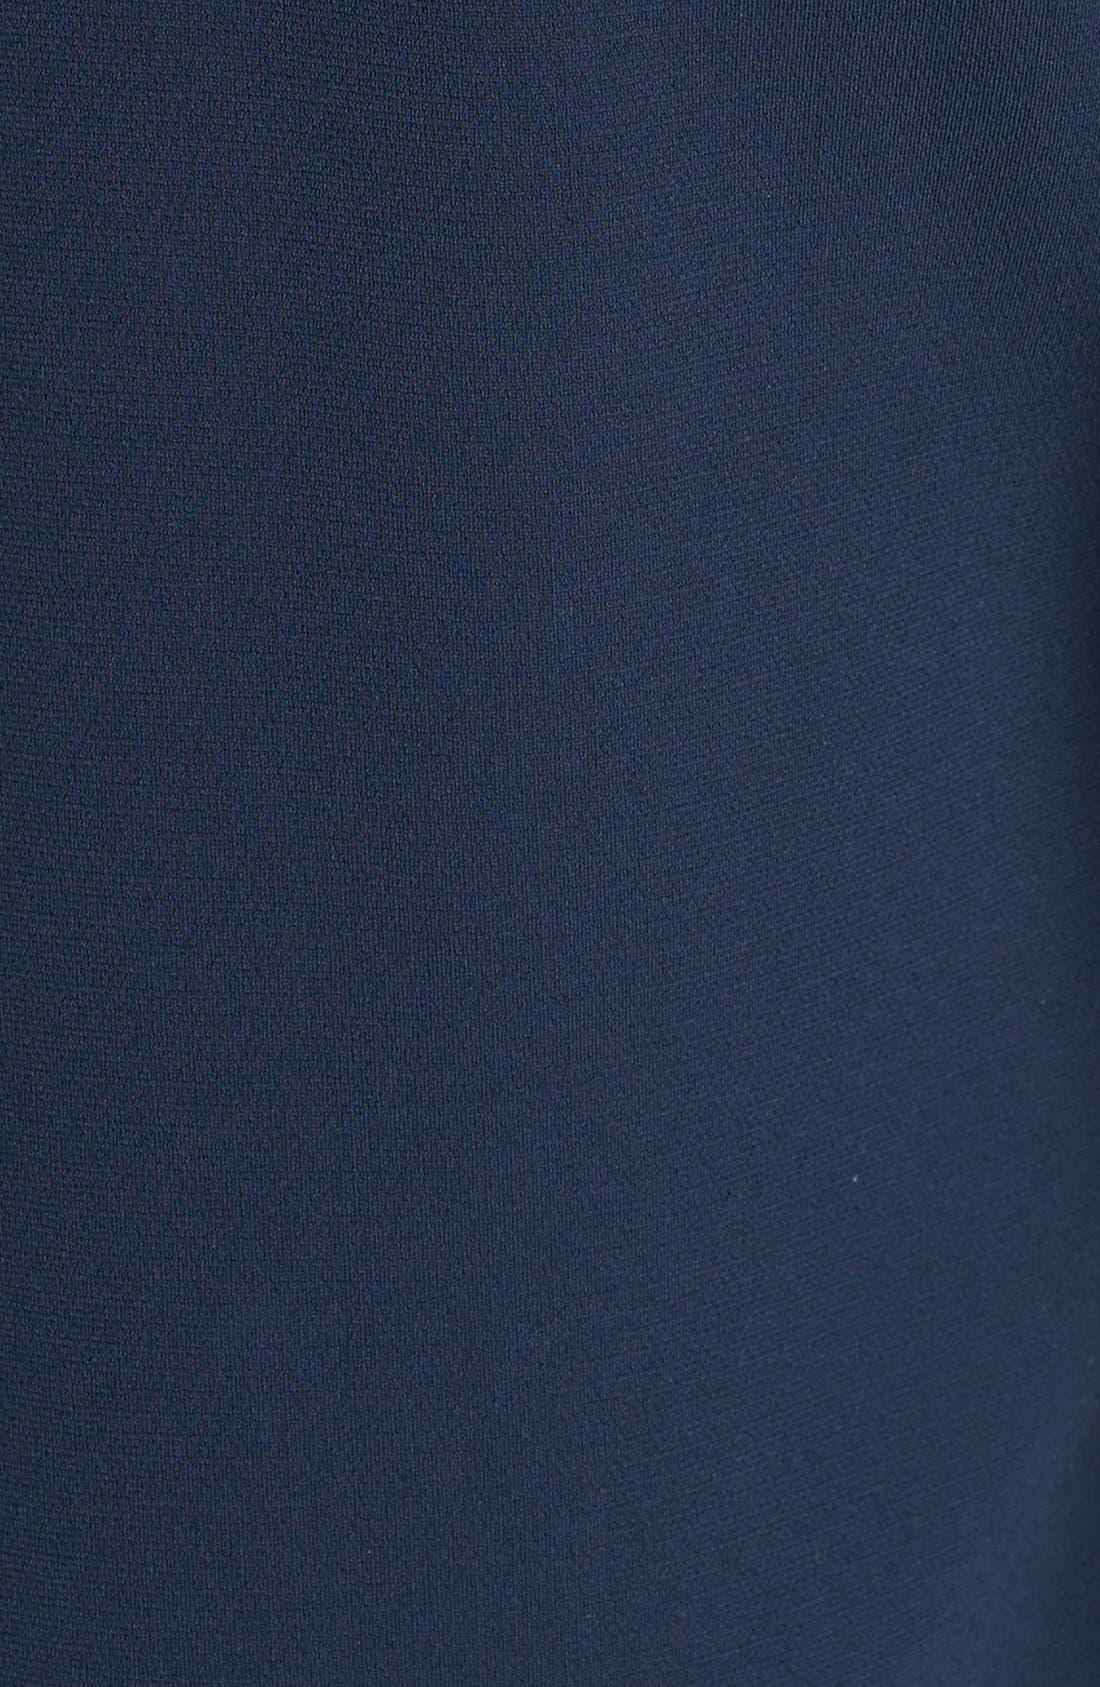 Alternate Image 3  - Diane von Furstenberg 'Owen Sugar Studs' Embellished T-Shirt Dress